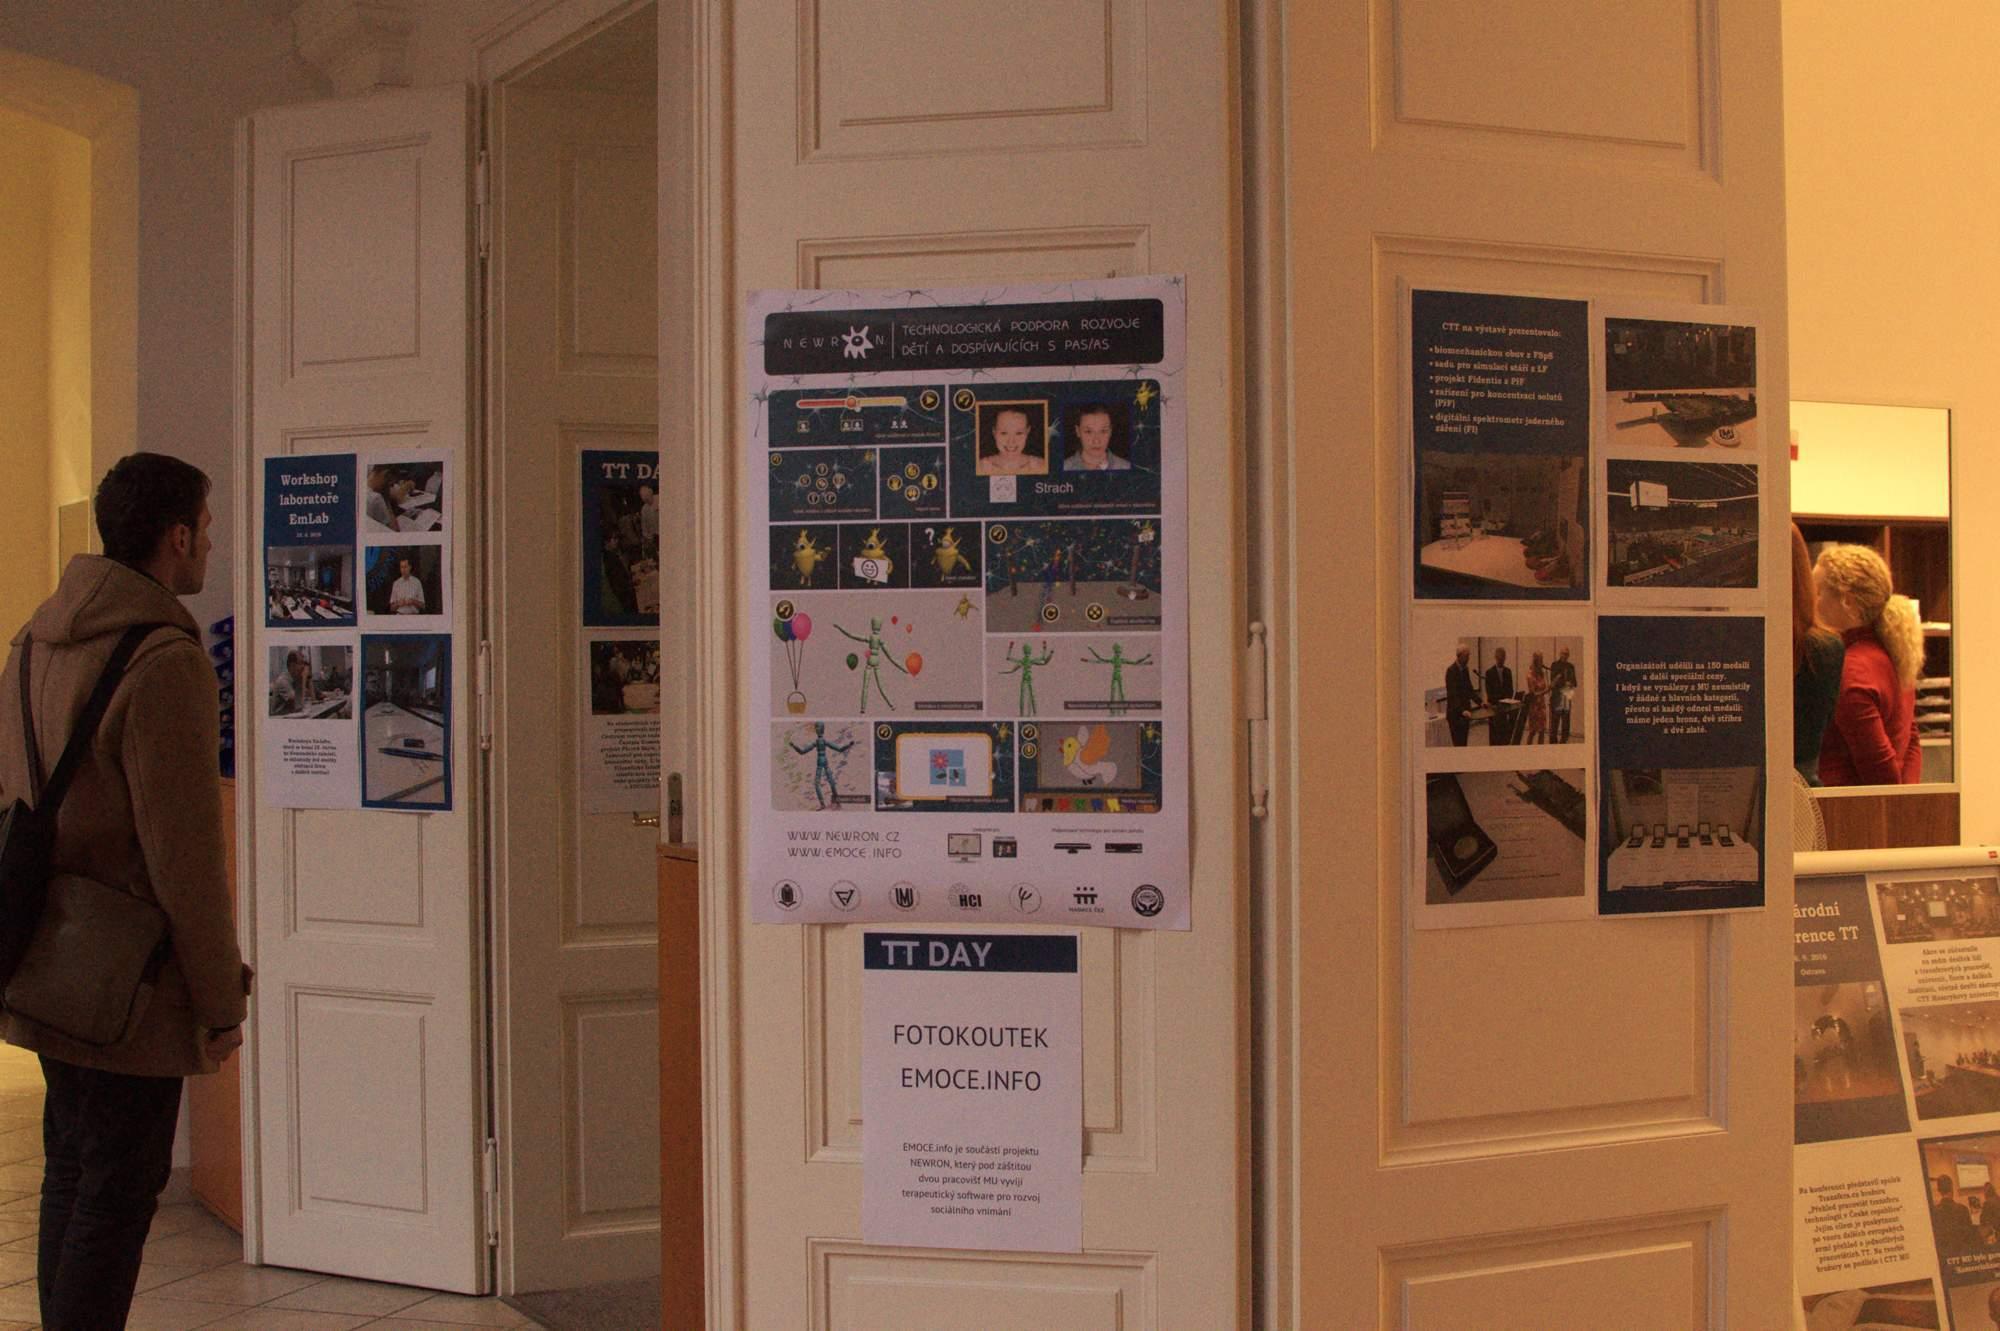 Na plakátech se návštěvníci podívali, který projekt je za dveřmi čeká. Foto: Michaela Nárožná